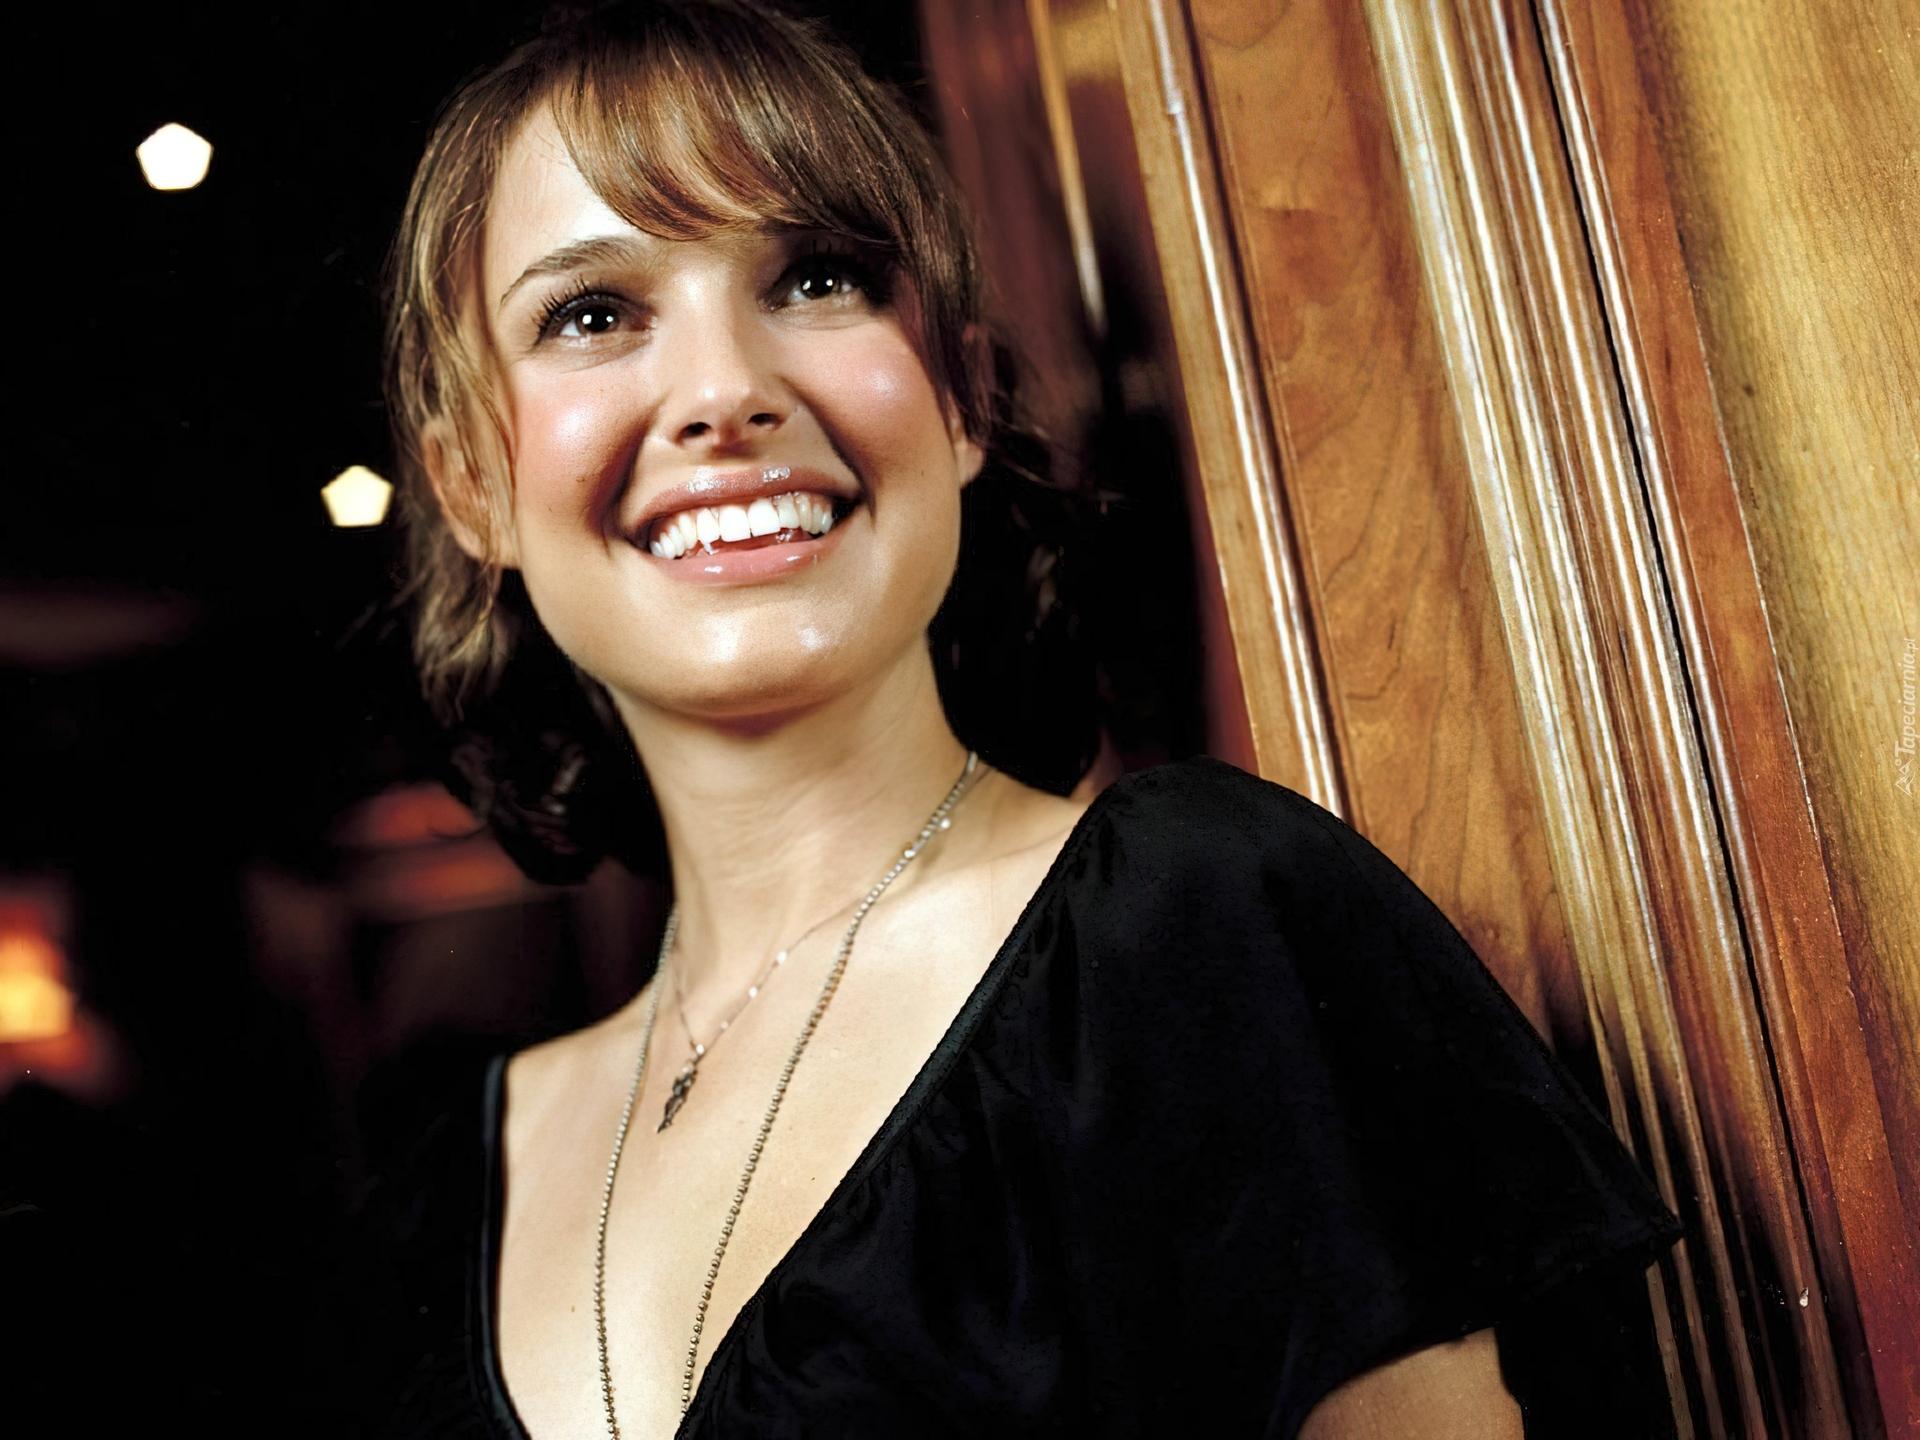 15524 natalie portman jpg Natalie Portman